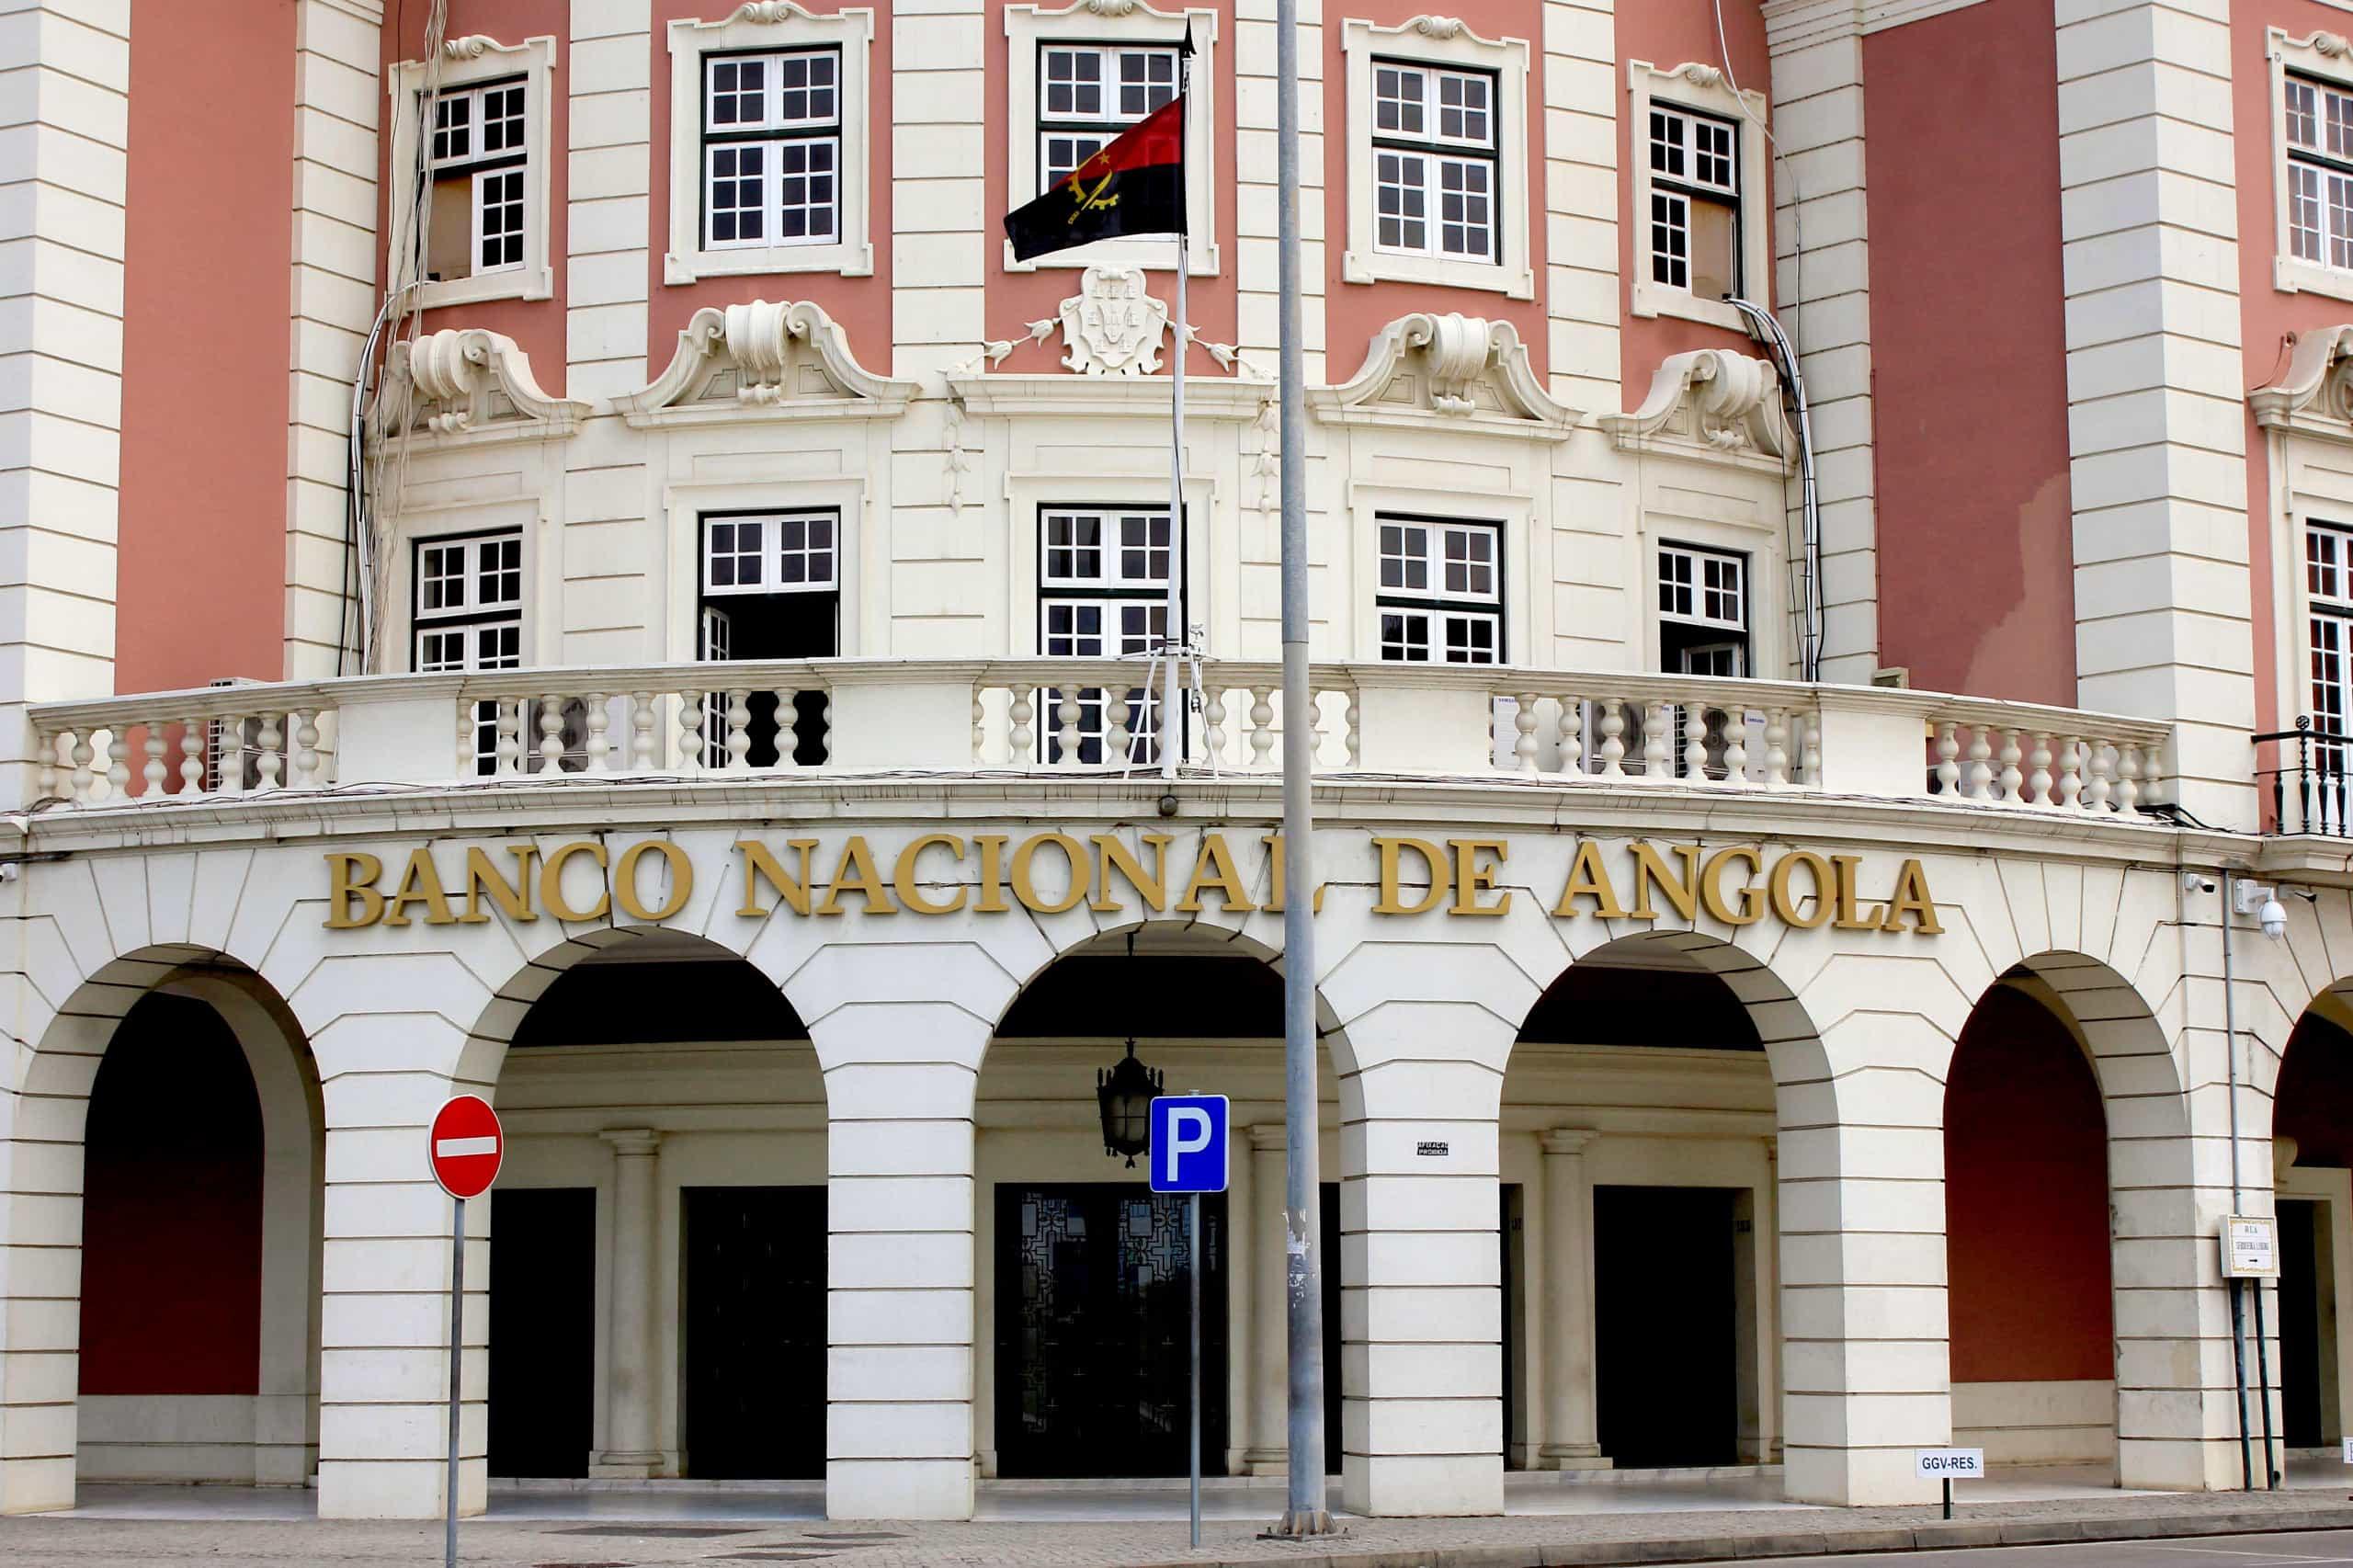 Banco Nacional manda fechar dois bancos comerciais angolanos